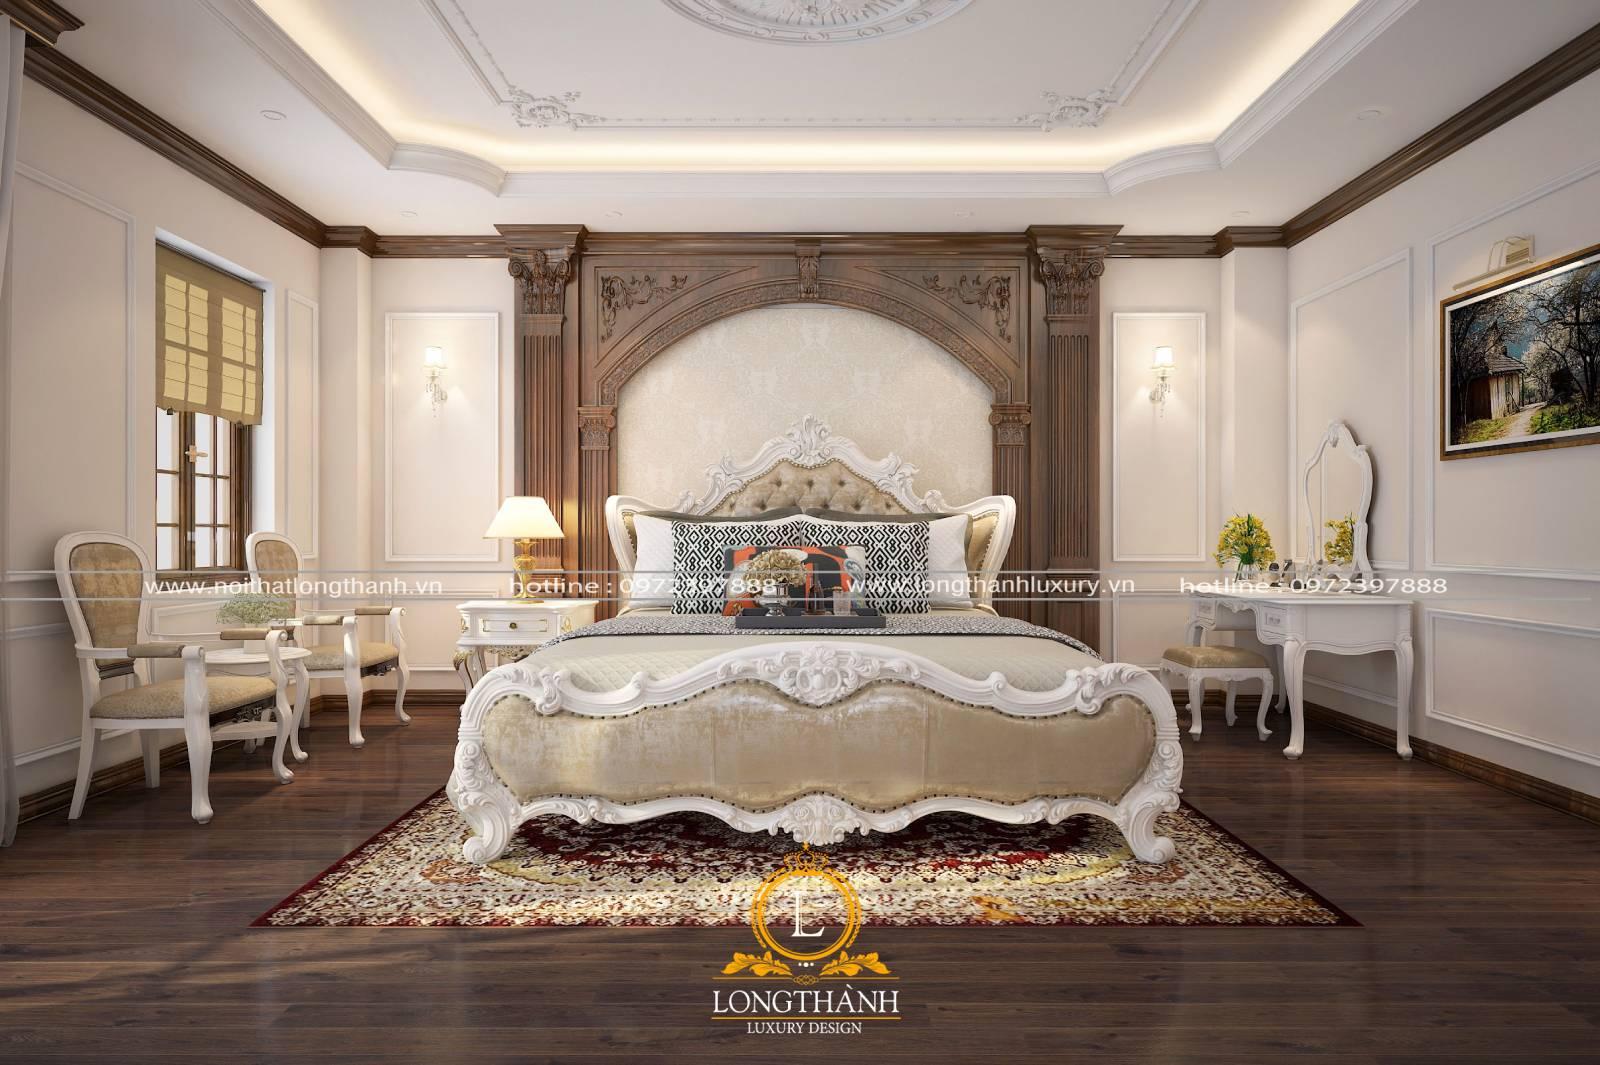 Giường ngủ tân cổ điển sử dụng cho nhà biệt thự rộng phong cách tân cổ điển